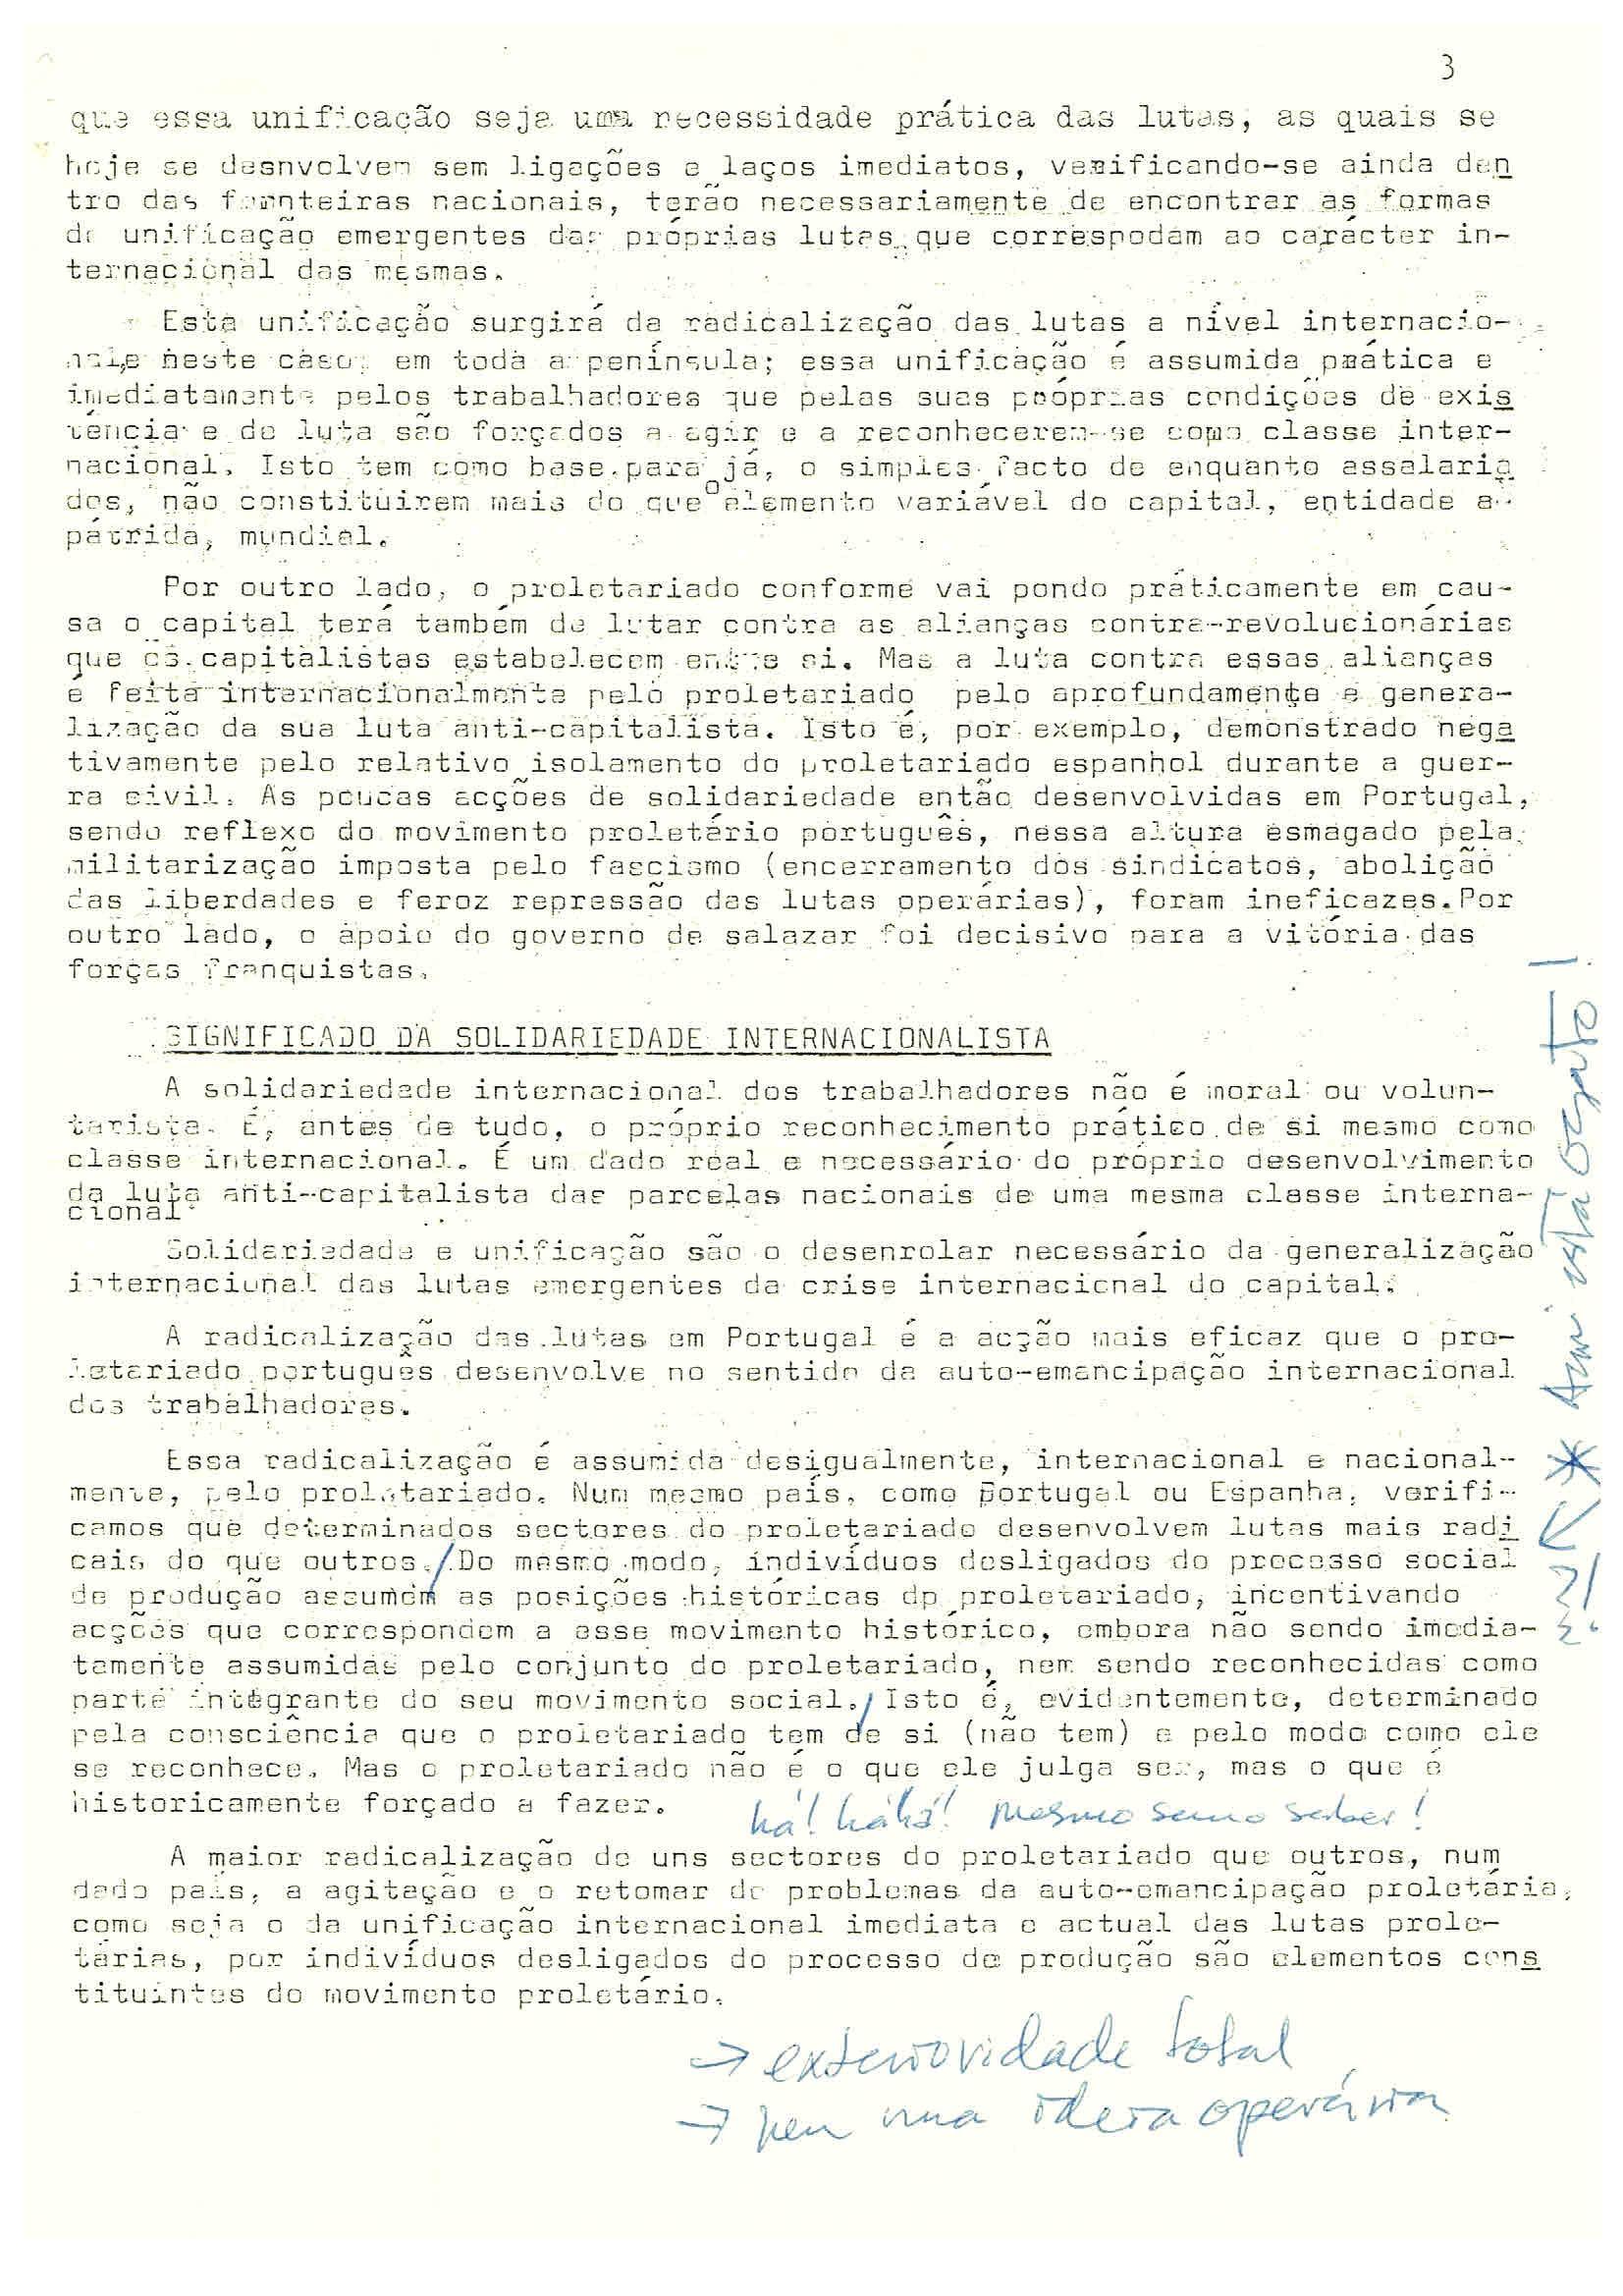 Calendario Hebraico 2019 Más Caliente Papéis Anarquistas Nƒo assinados De Resposta Ao 25 De Abril De 1974